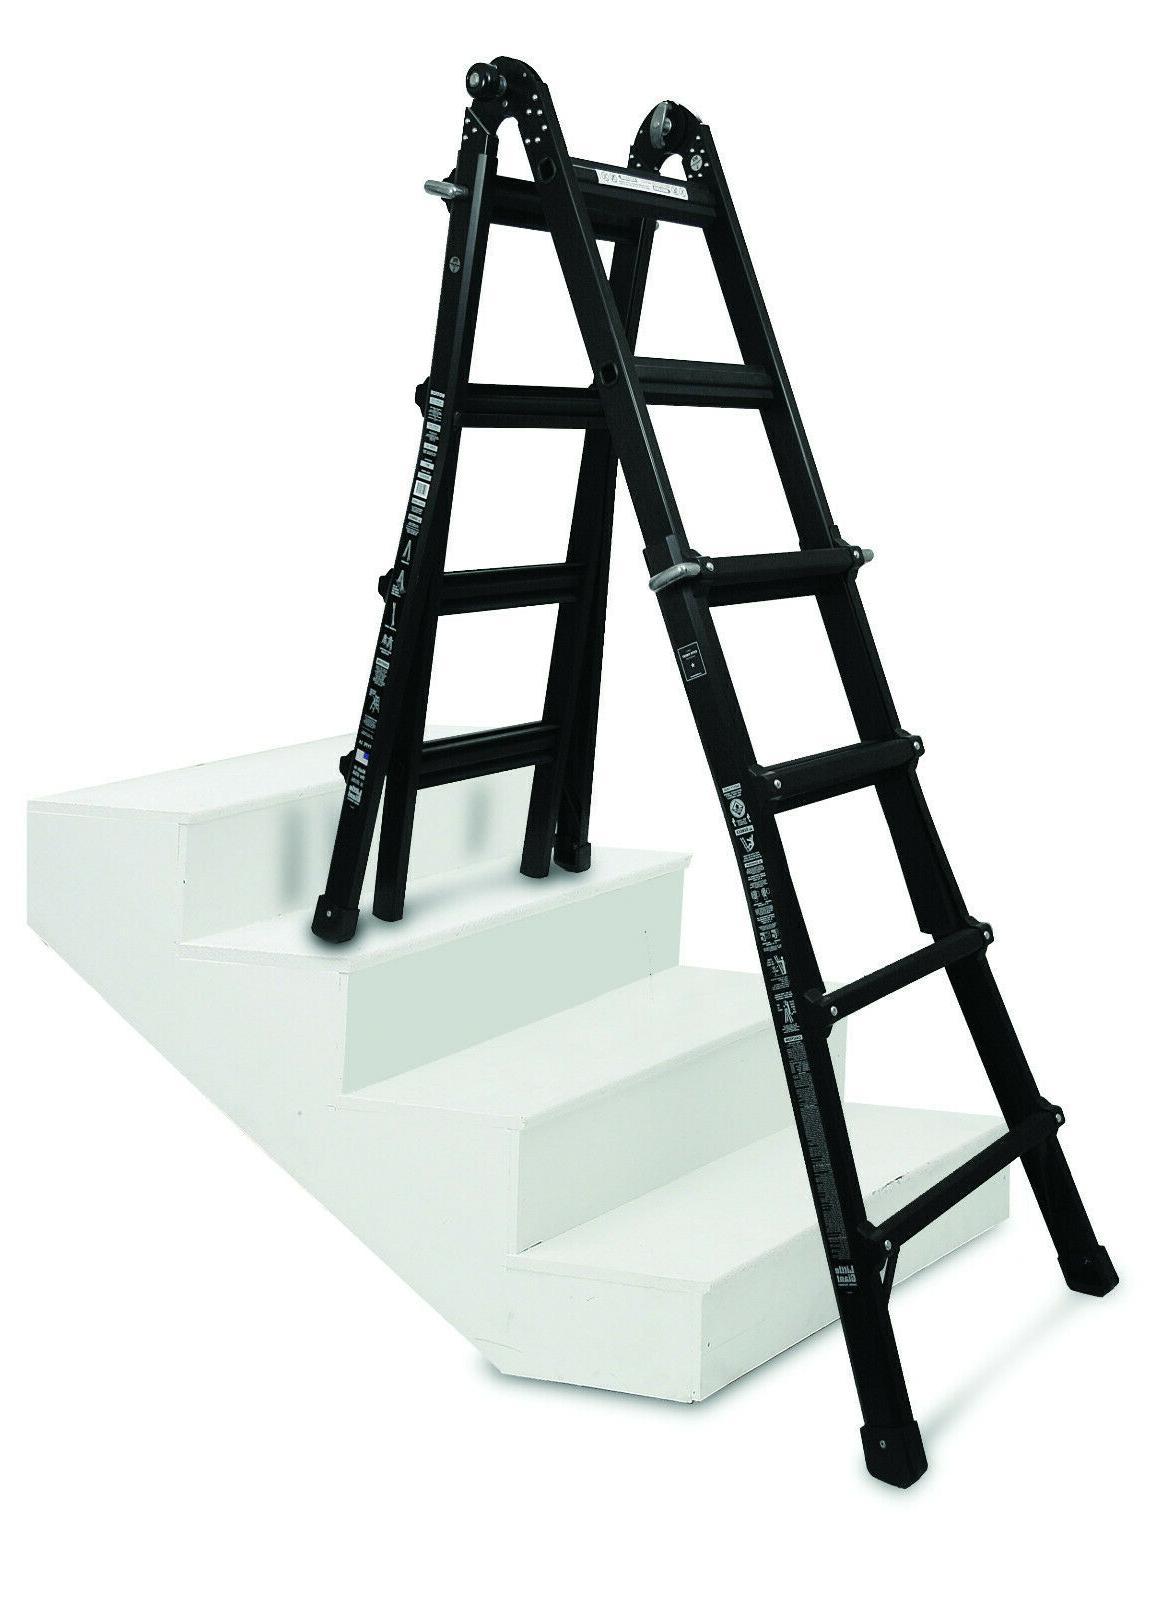 Passenger Van Ladder - Little Giant  17' reach Folding Exten